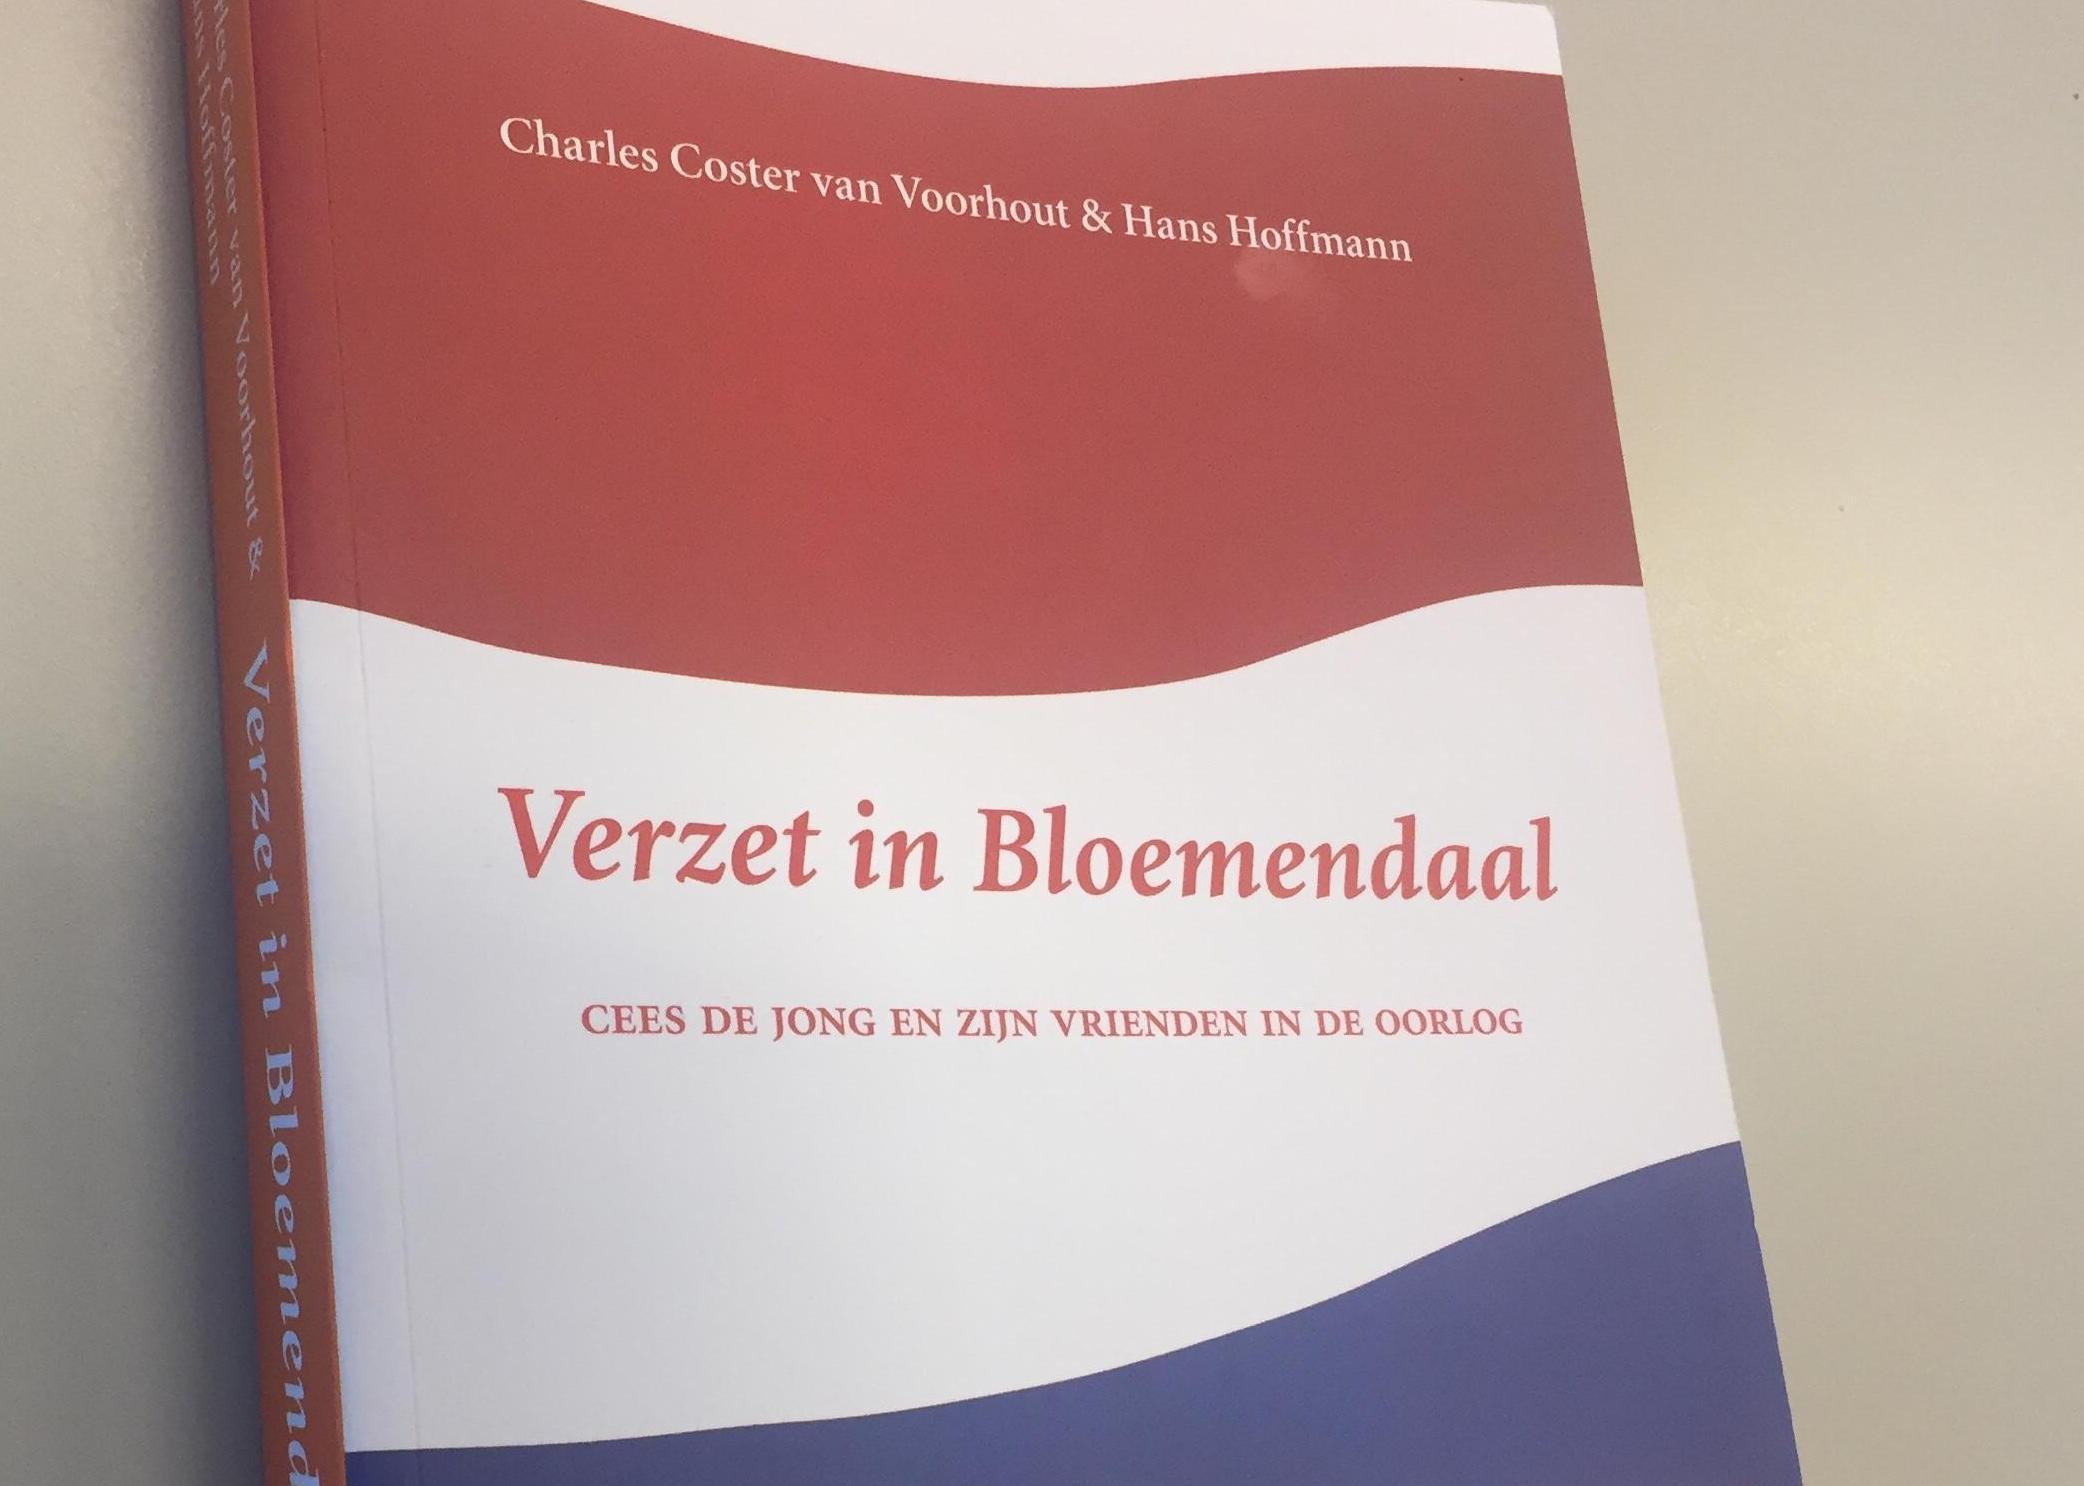 Bloemendalers krijgen gratis nieuw te verschijnen boek 'Verzet in Bloemendaal'